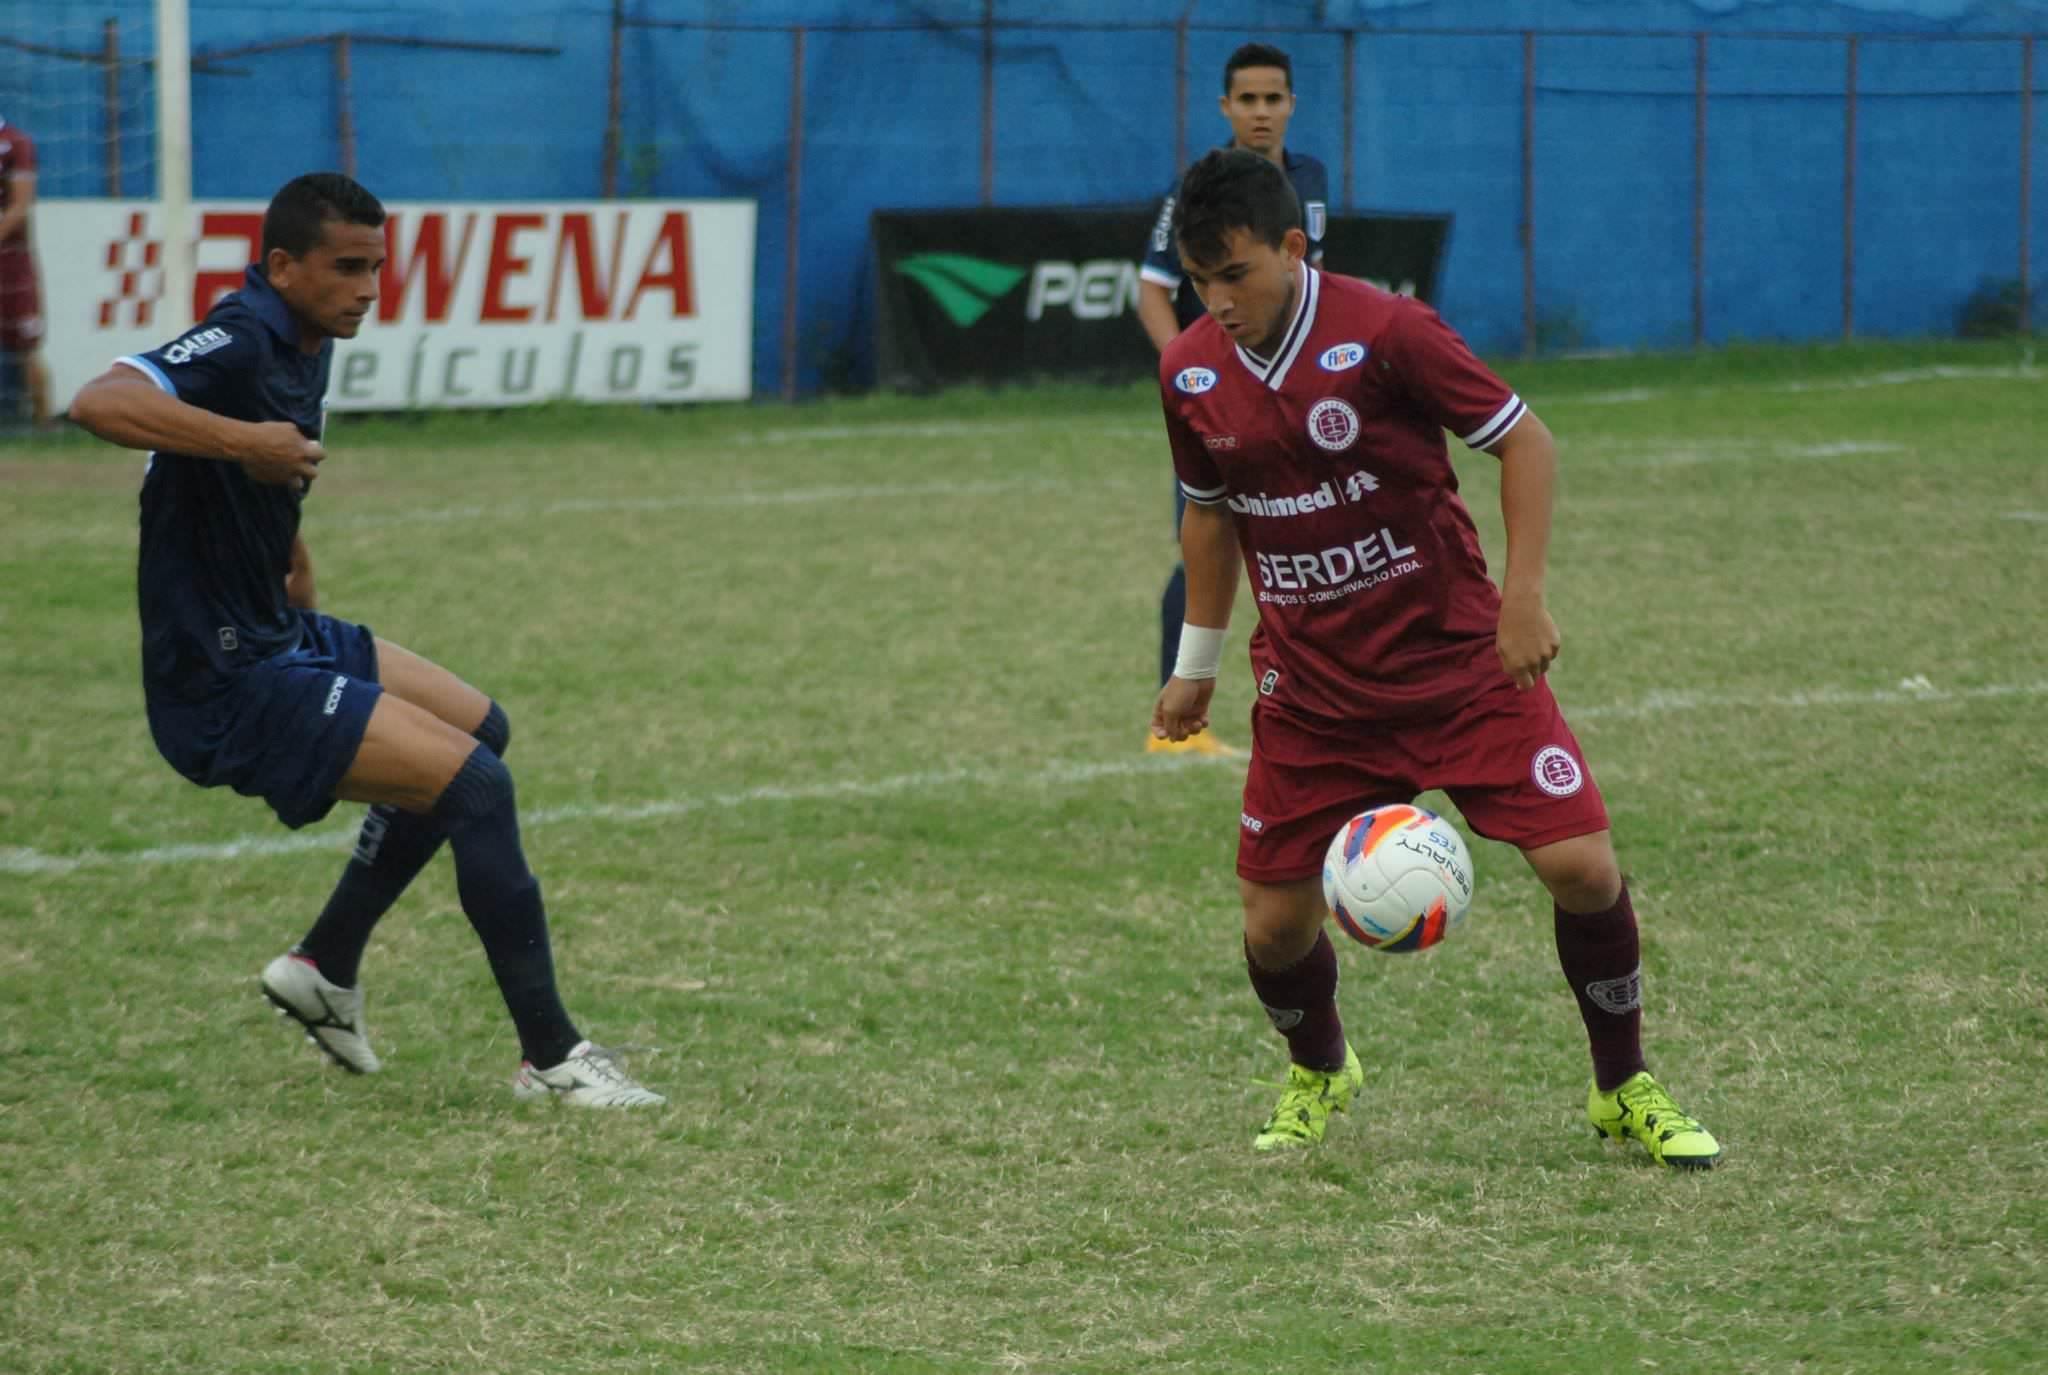 Mesmo perdendo o último jogo, a Desportiva vem subindo na tabela. Foto: Divulgação/Henrique Montovanelli